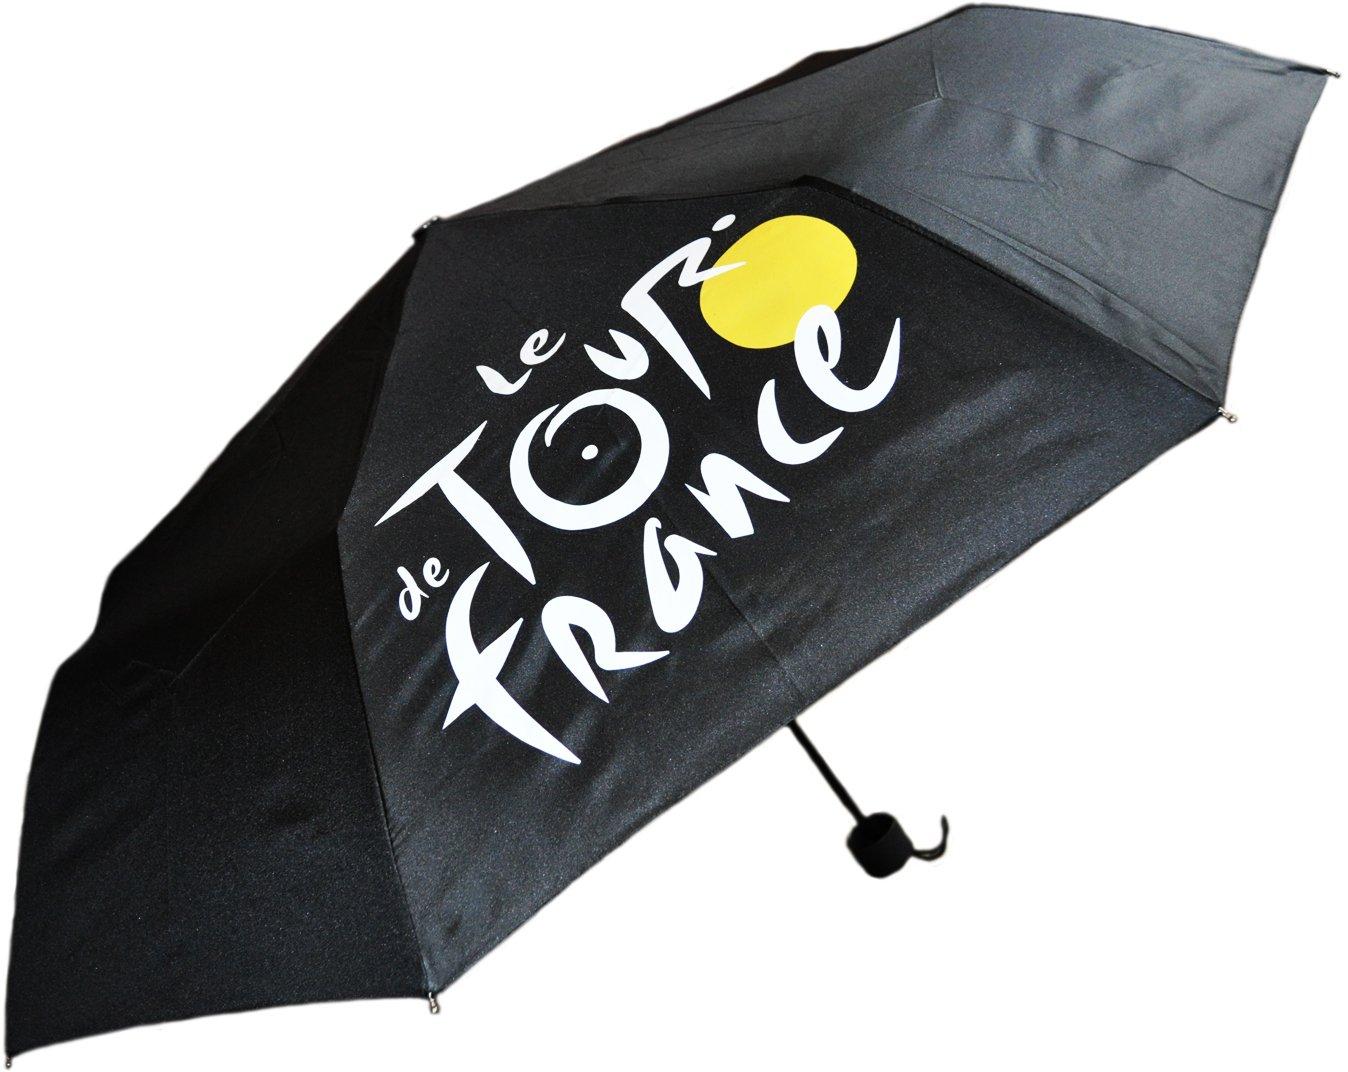 Tour de France tdf-acc-025 N tu Paraguas Unisex, Negro: Amazon.es: Deportes y aire libre